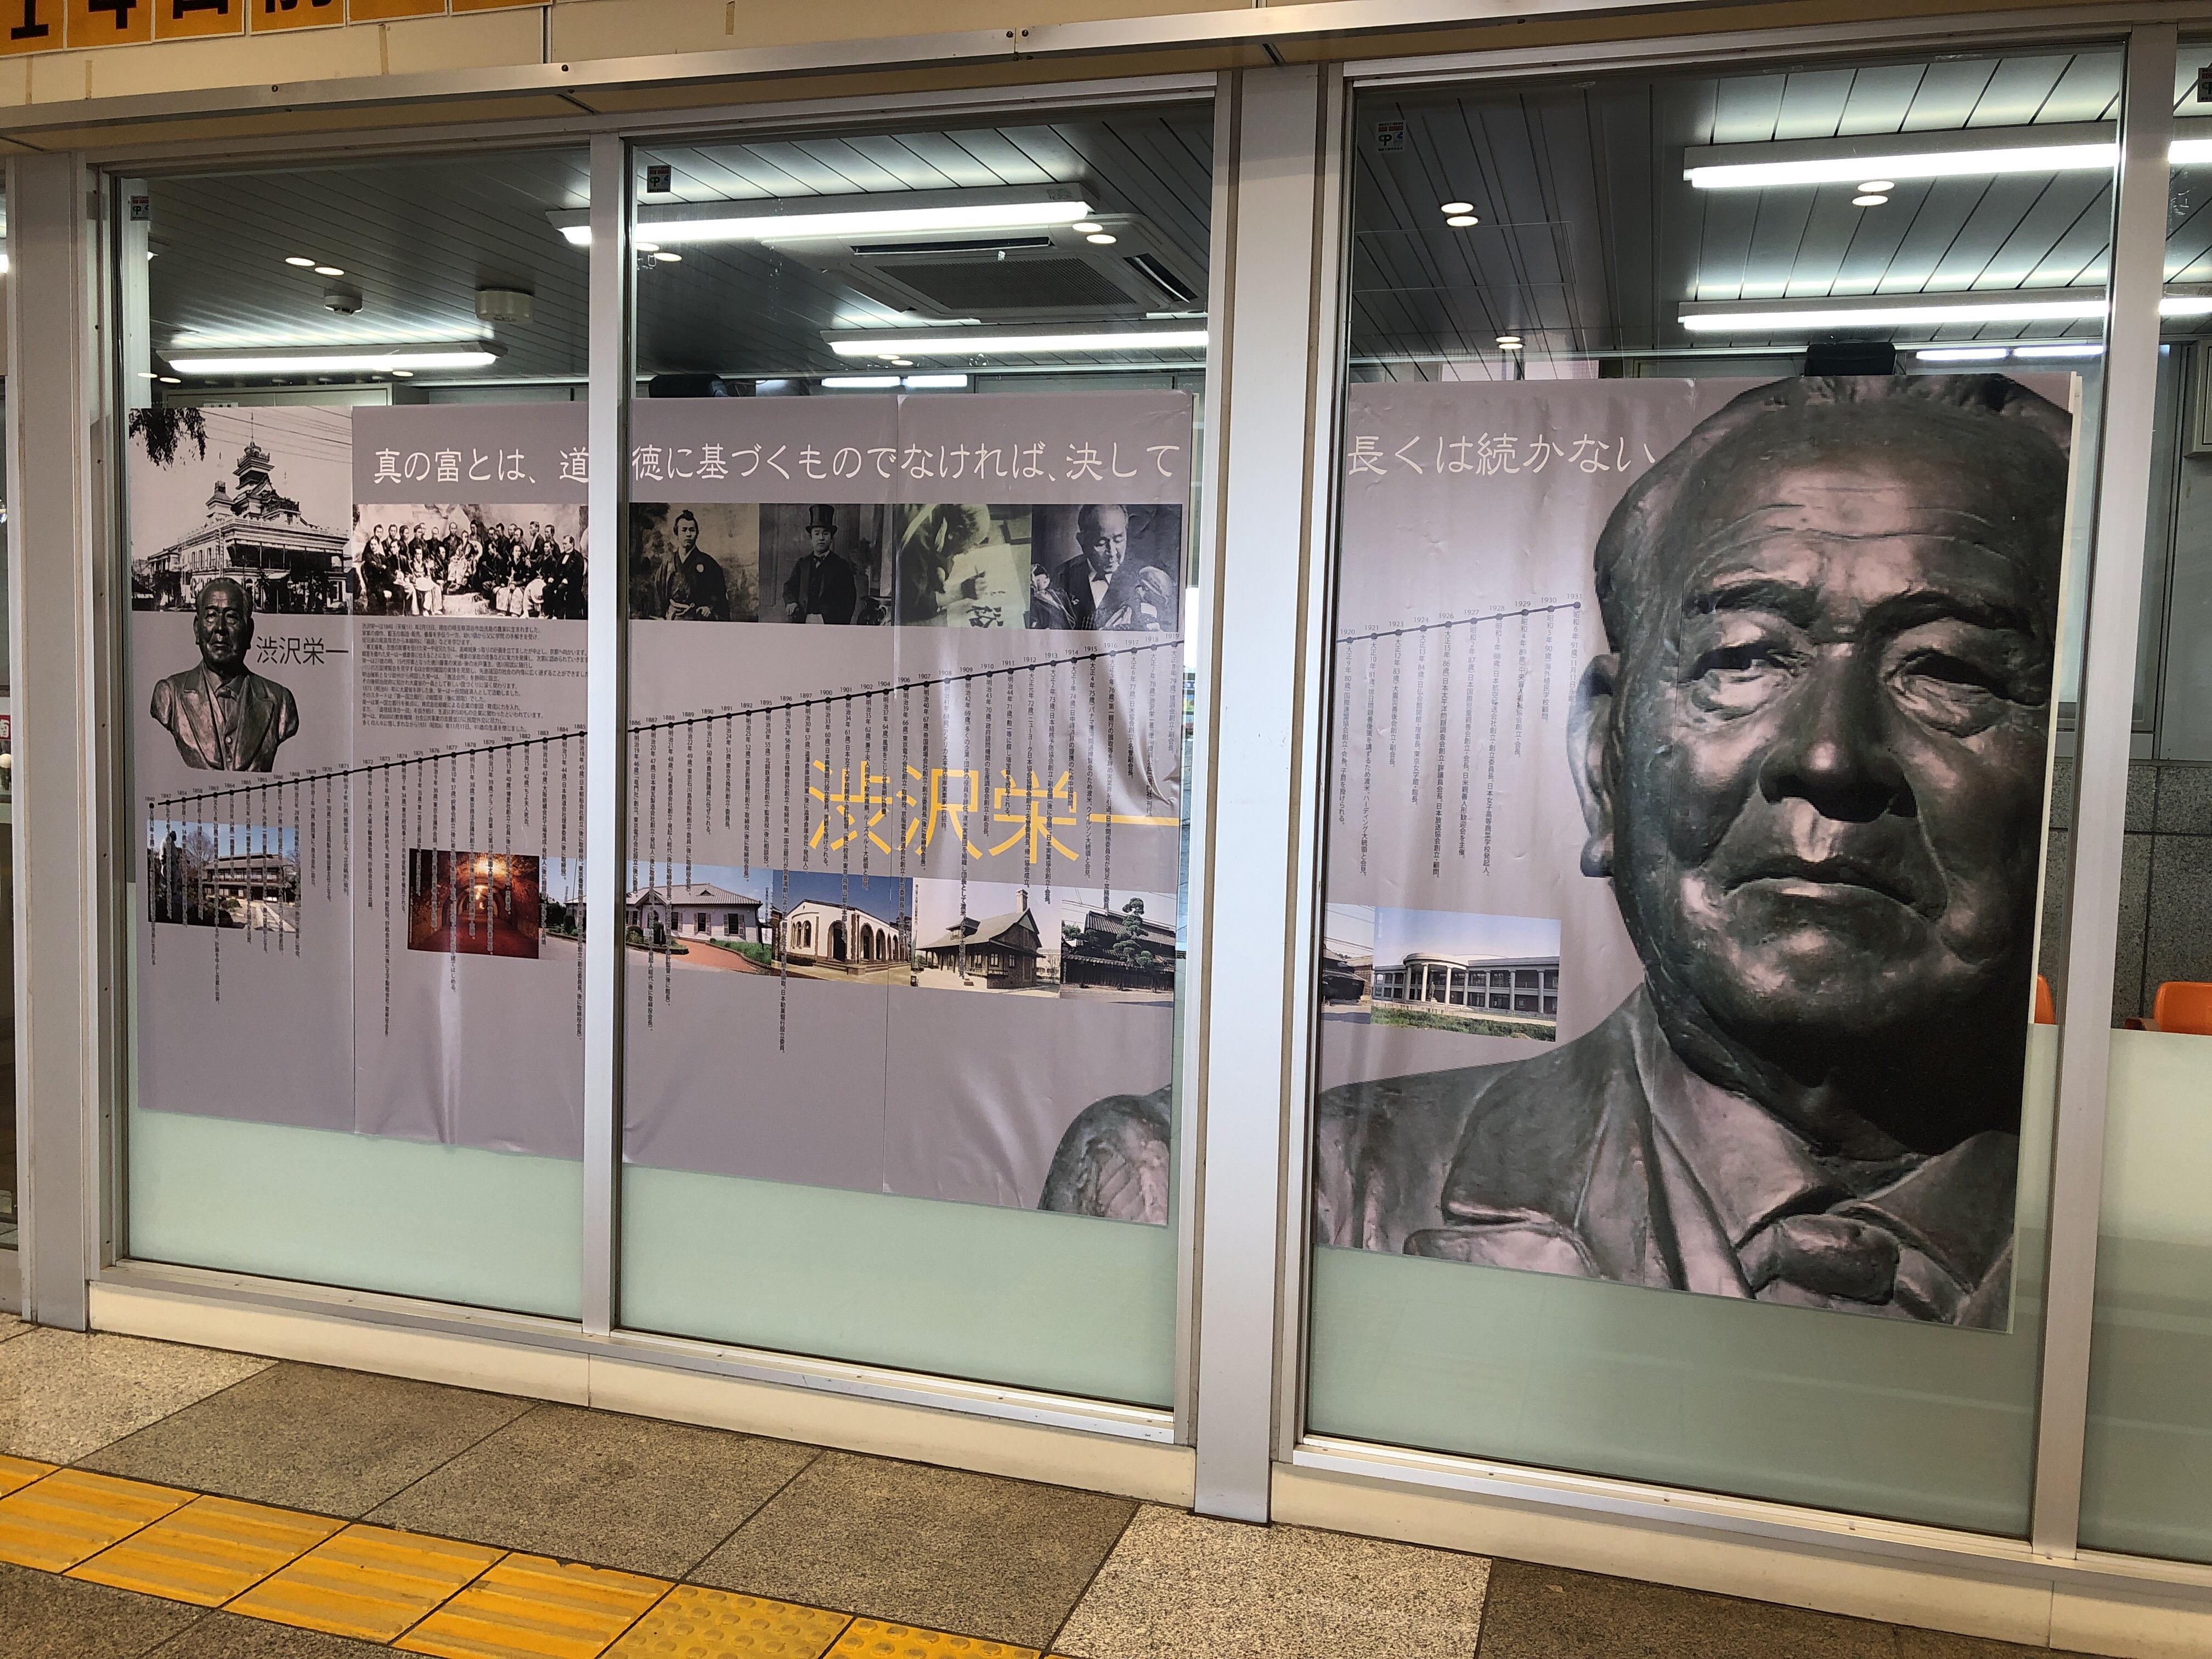 深谷駅中の渋沢栄一さん